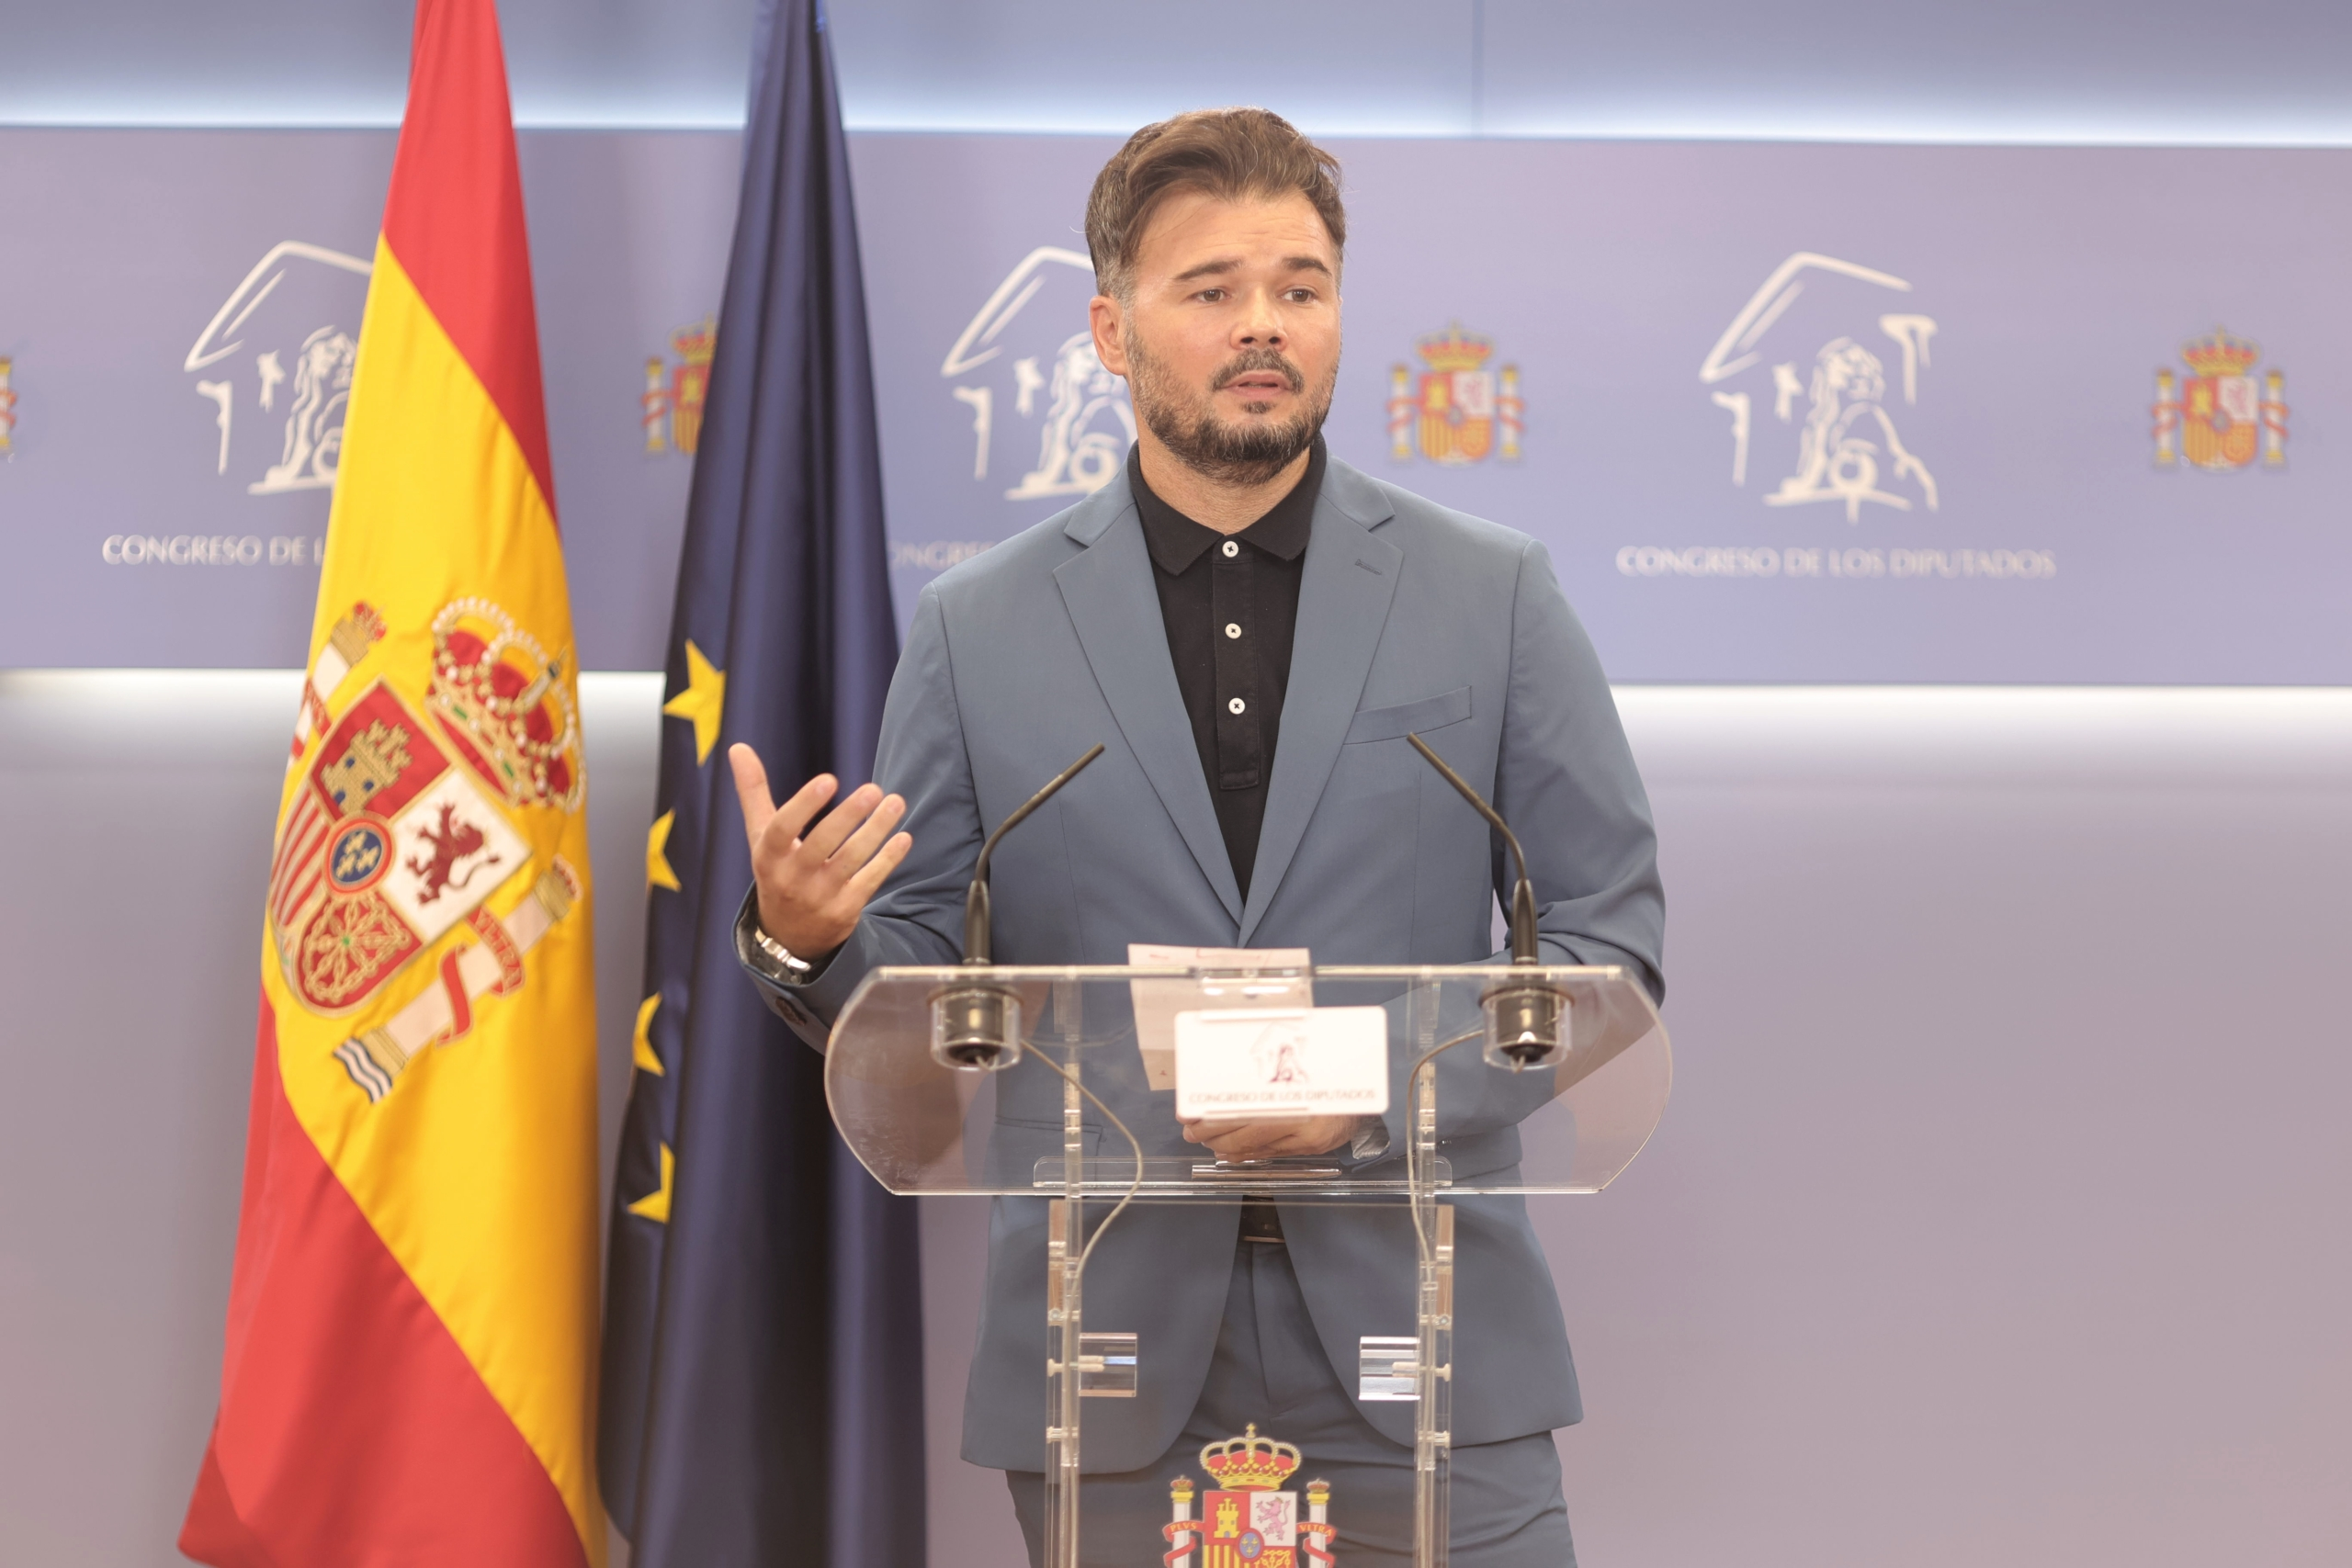 El portaveu parlamentari d'ERC, Gabriel Rufián, ofereix una roda anterior a la celebració de la Junta de Portaveus al Congrés dels Diputats / Europa Press